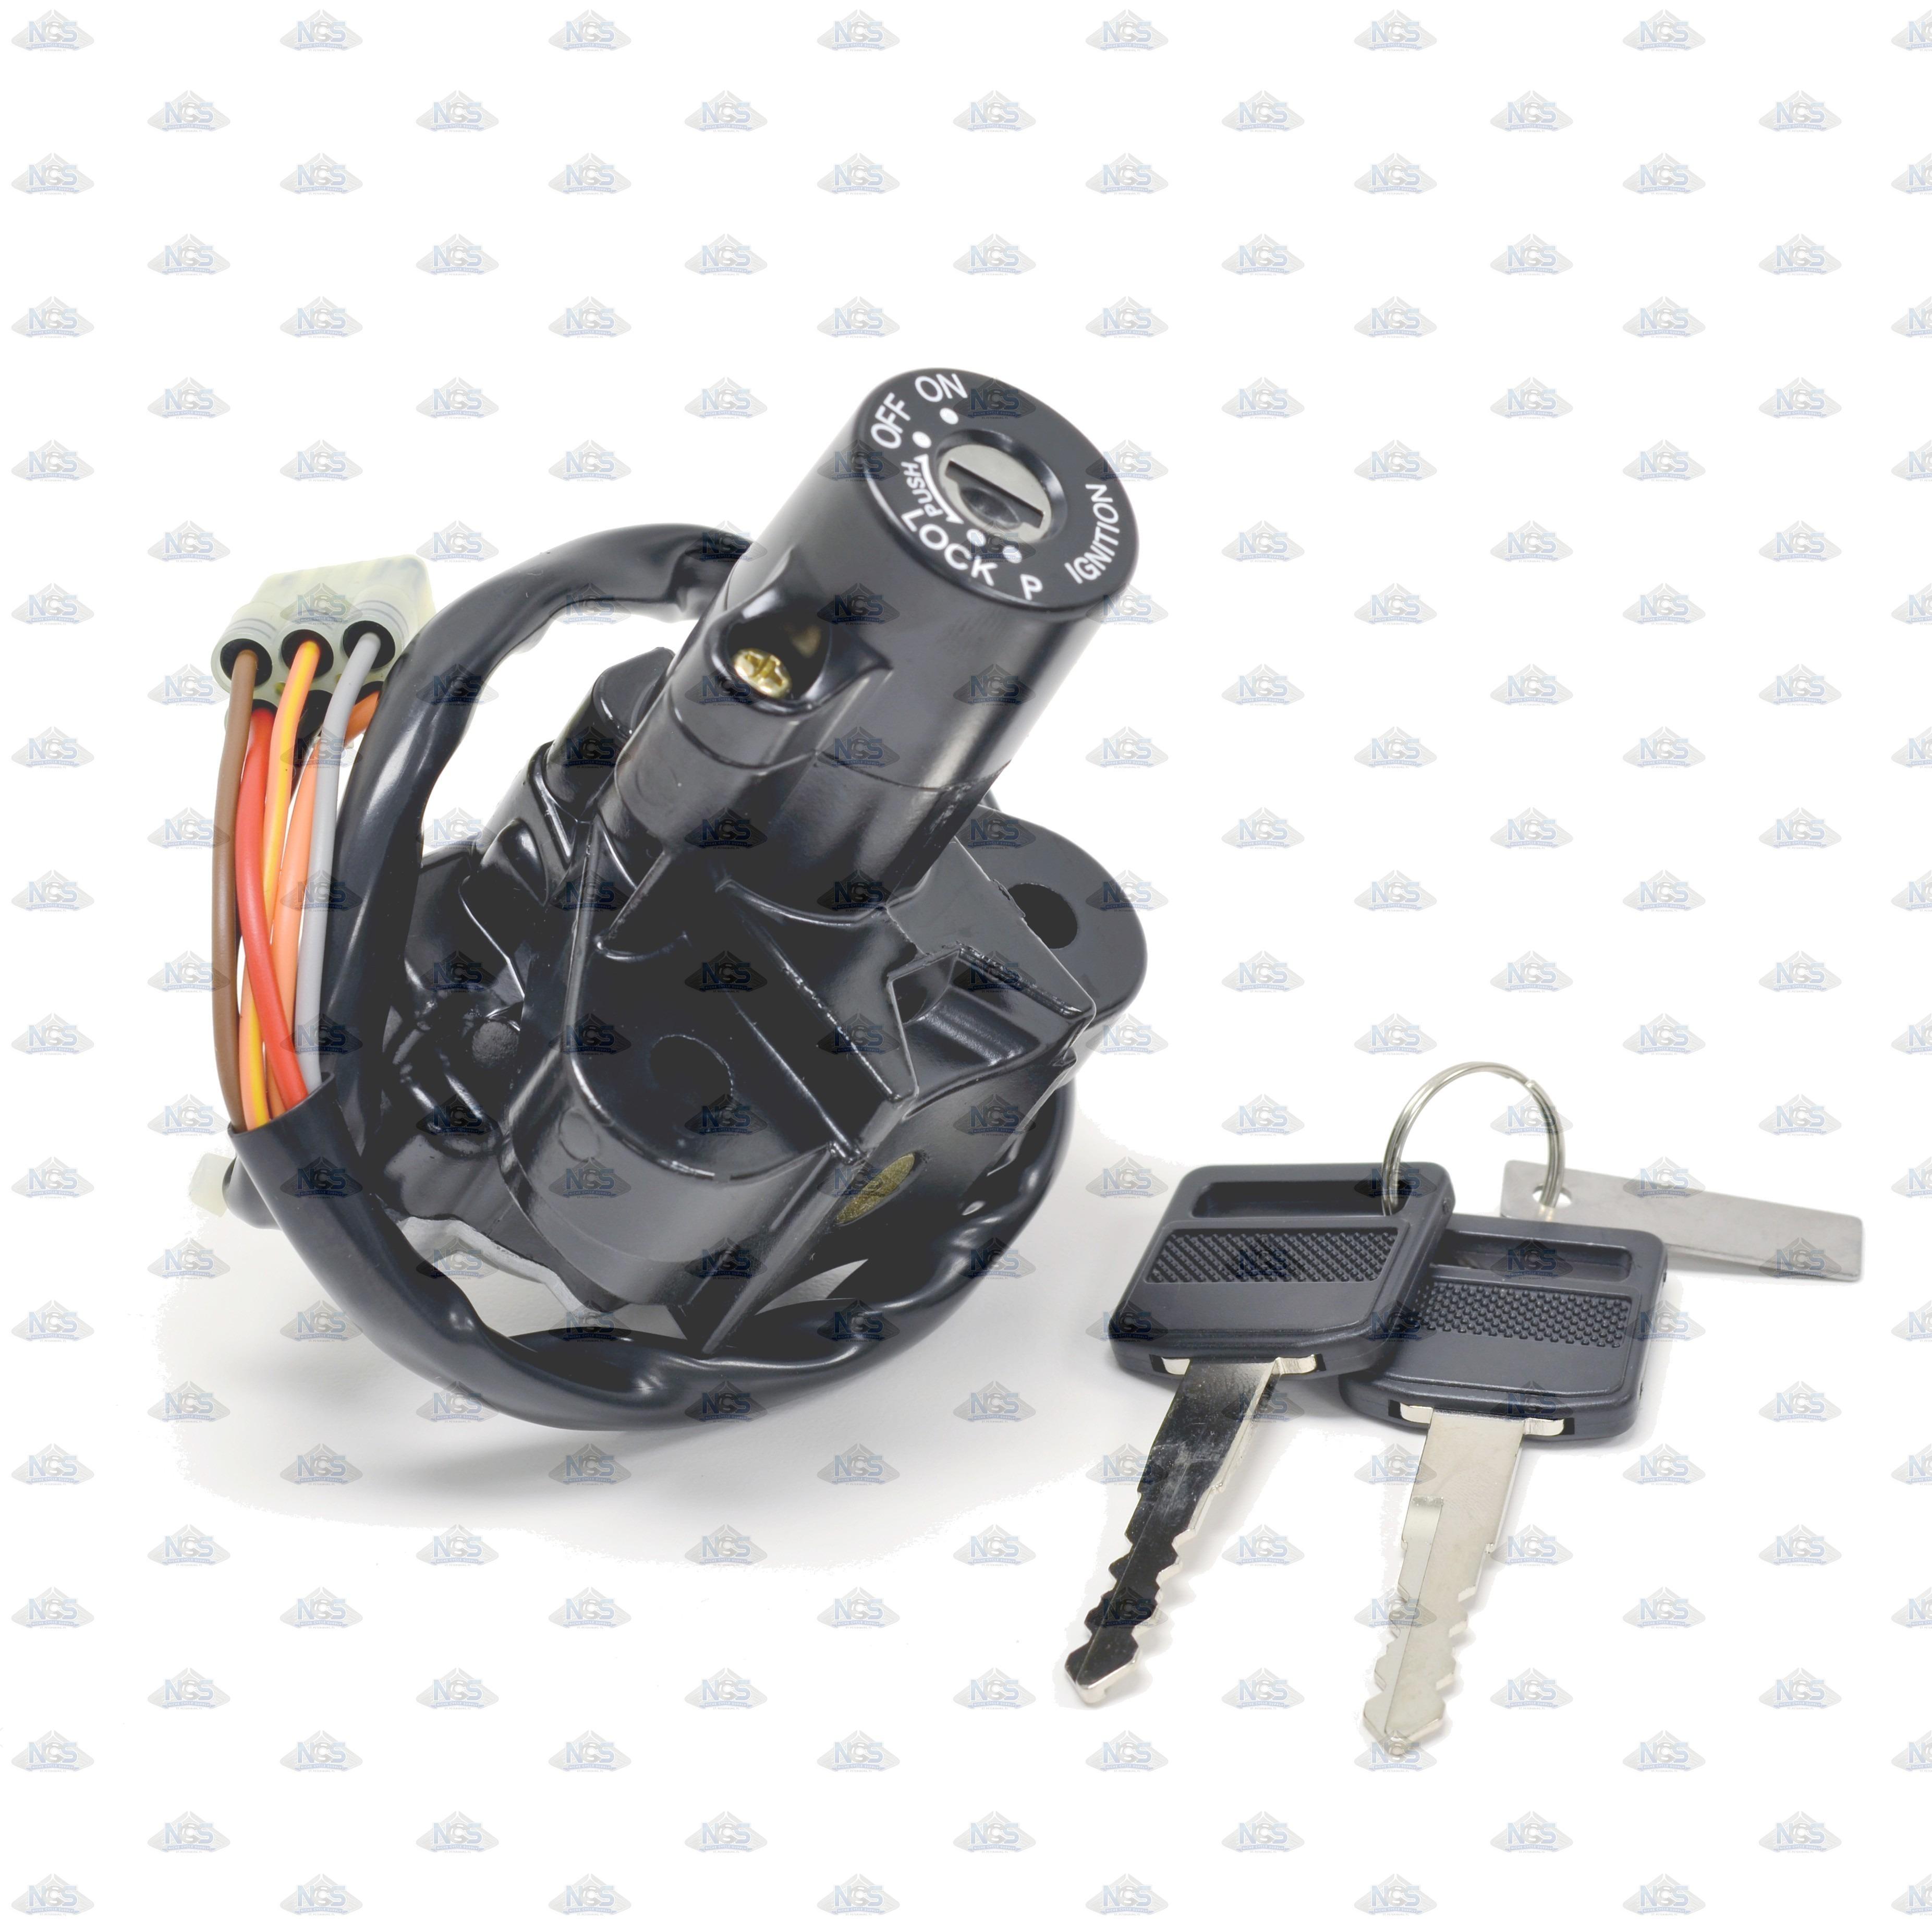 Suzuki Gsxr Ignition Switch